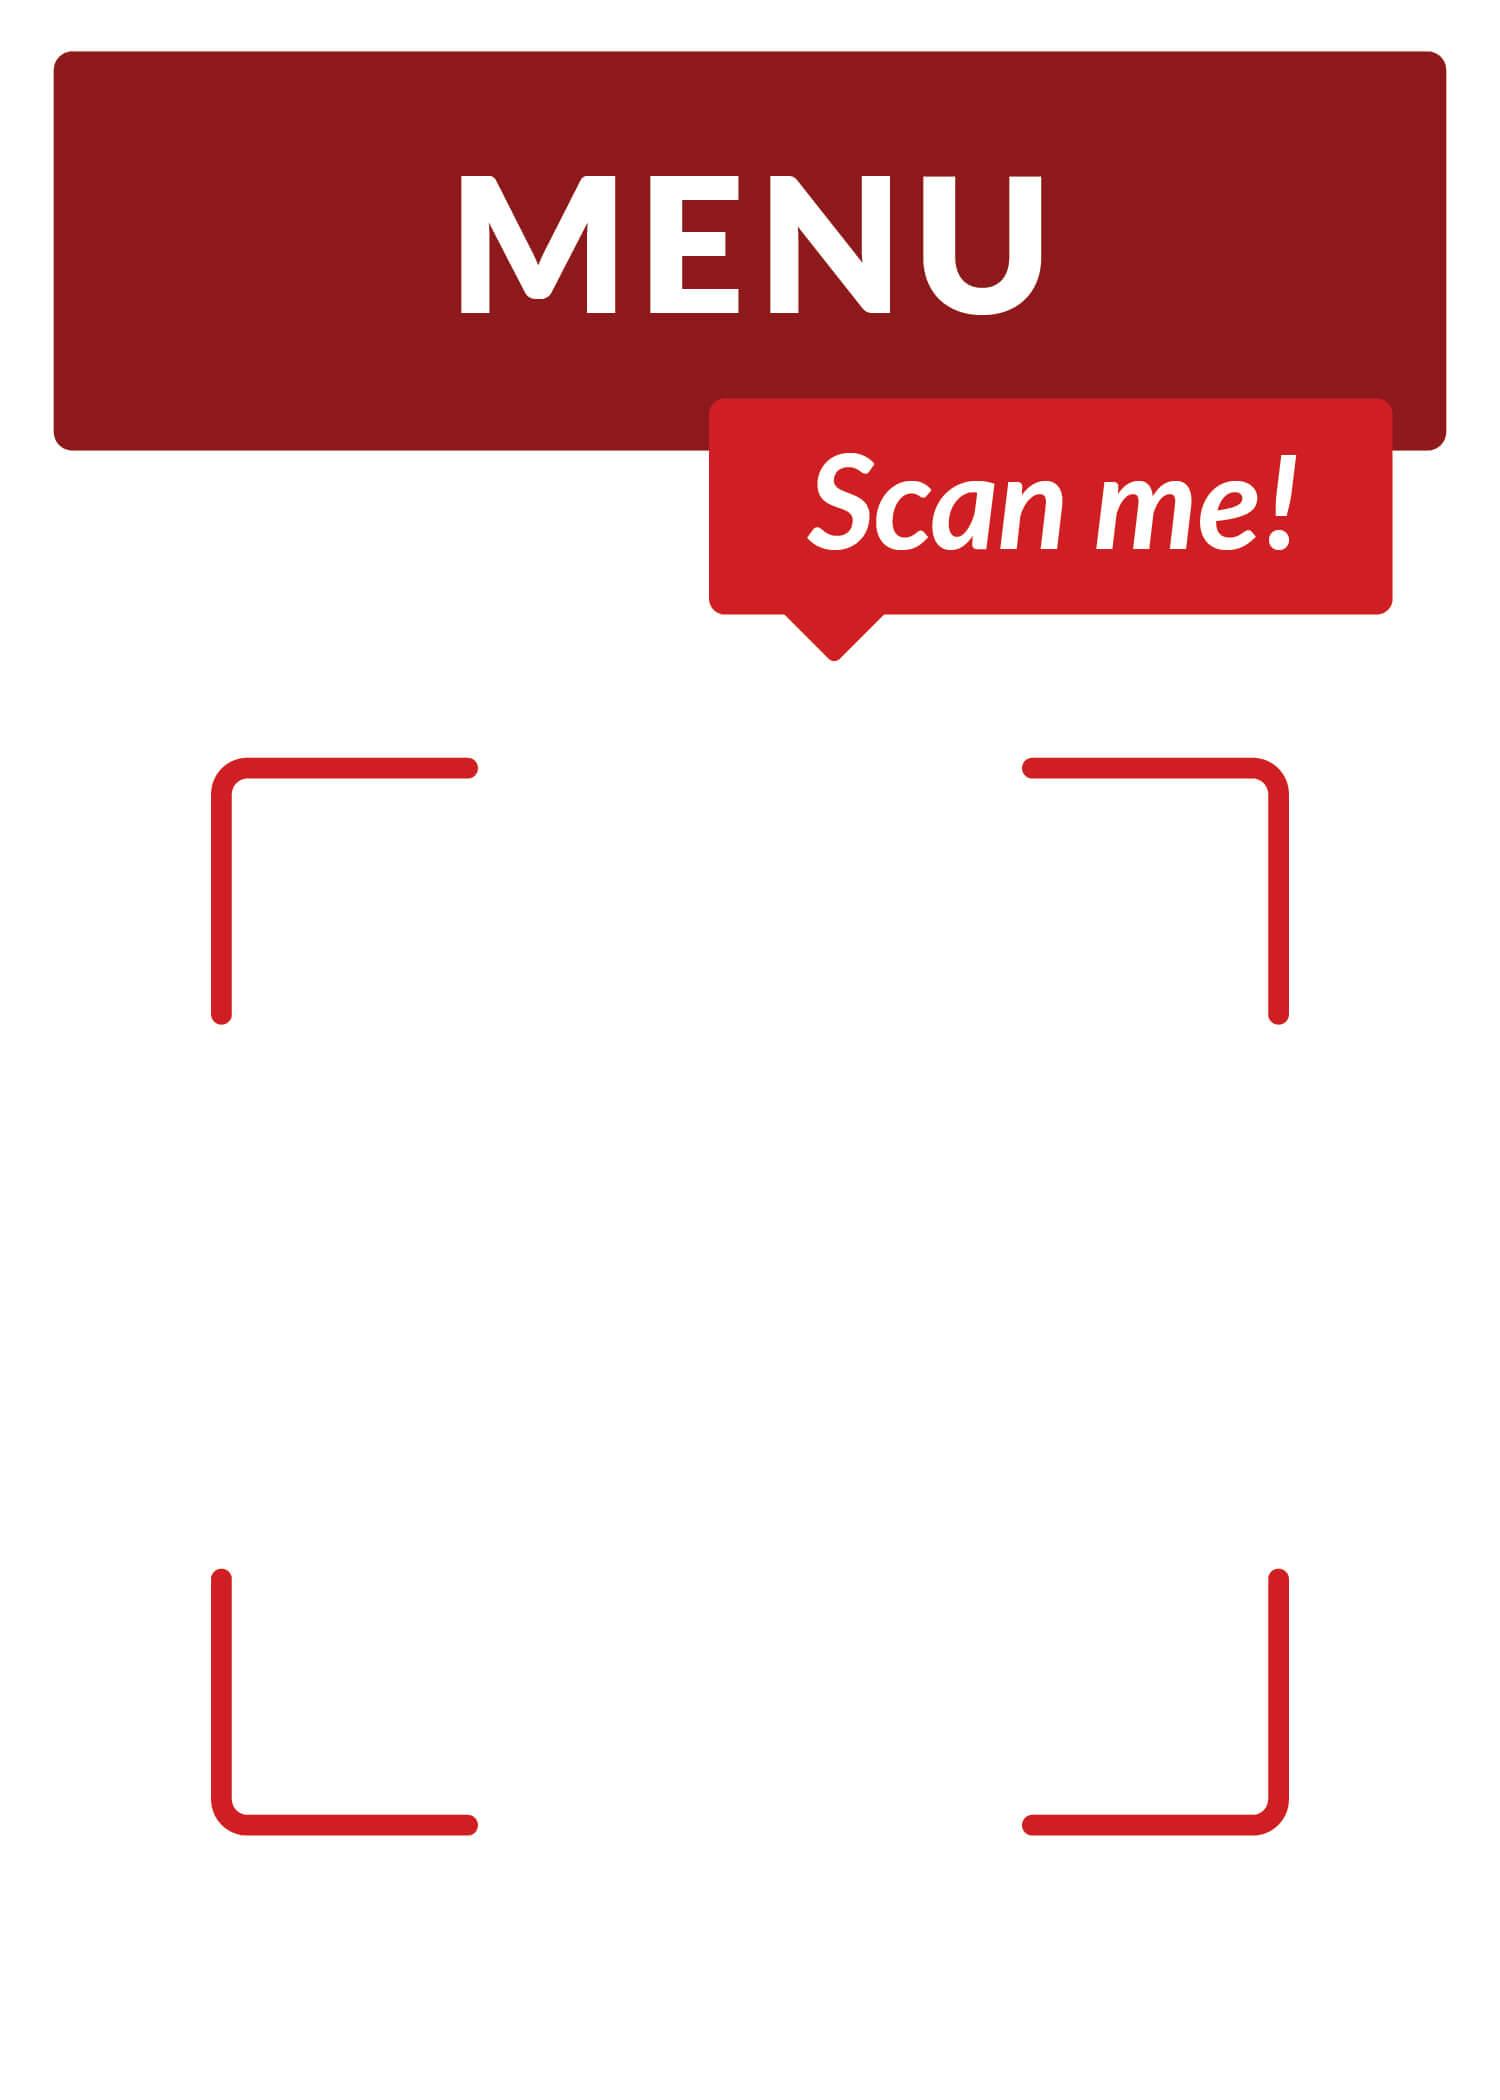 vertical qr code poster template